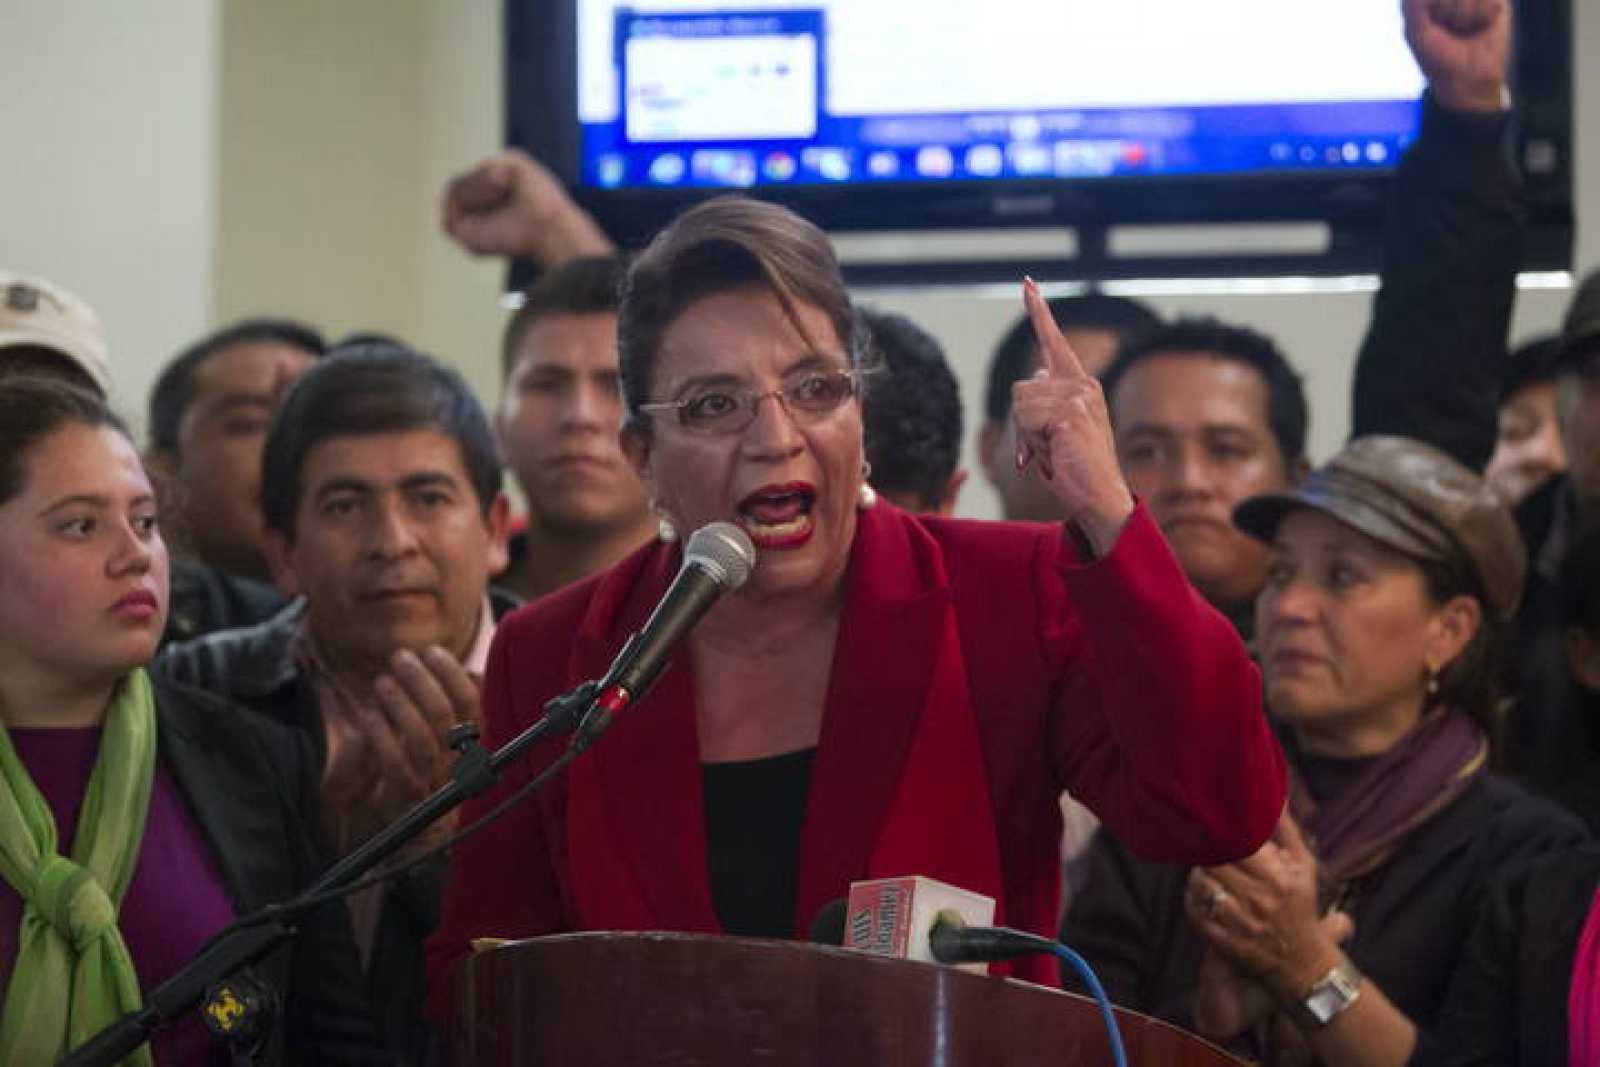 La candidata del partido Libertad y Refundación (Libre), Xiomara Castro, durante la rueda de prensa ofrecida el 29 de noviembre de 2013 en Tegucigalpa (Honduras)